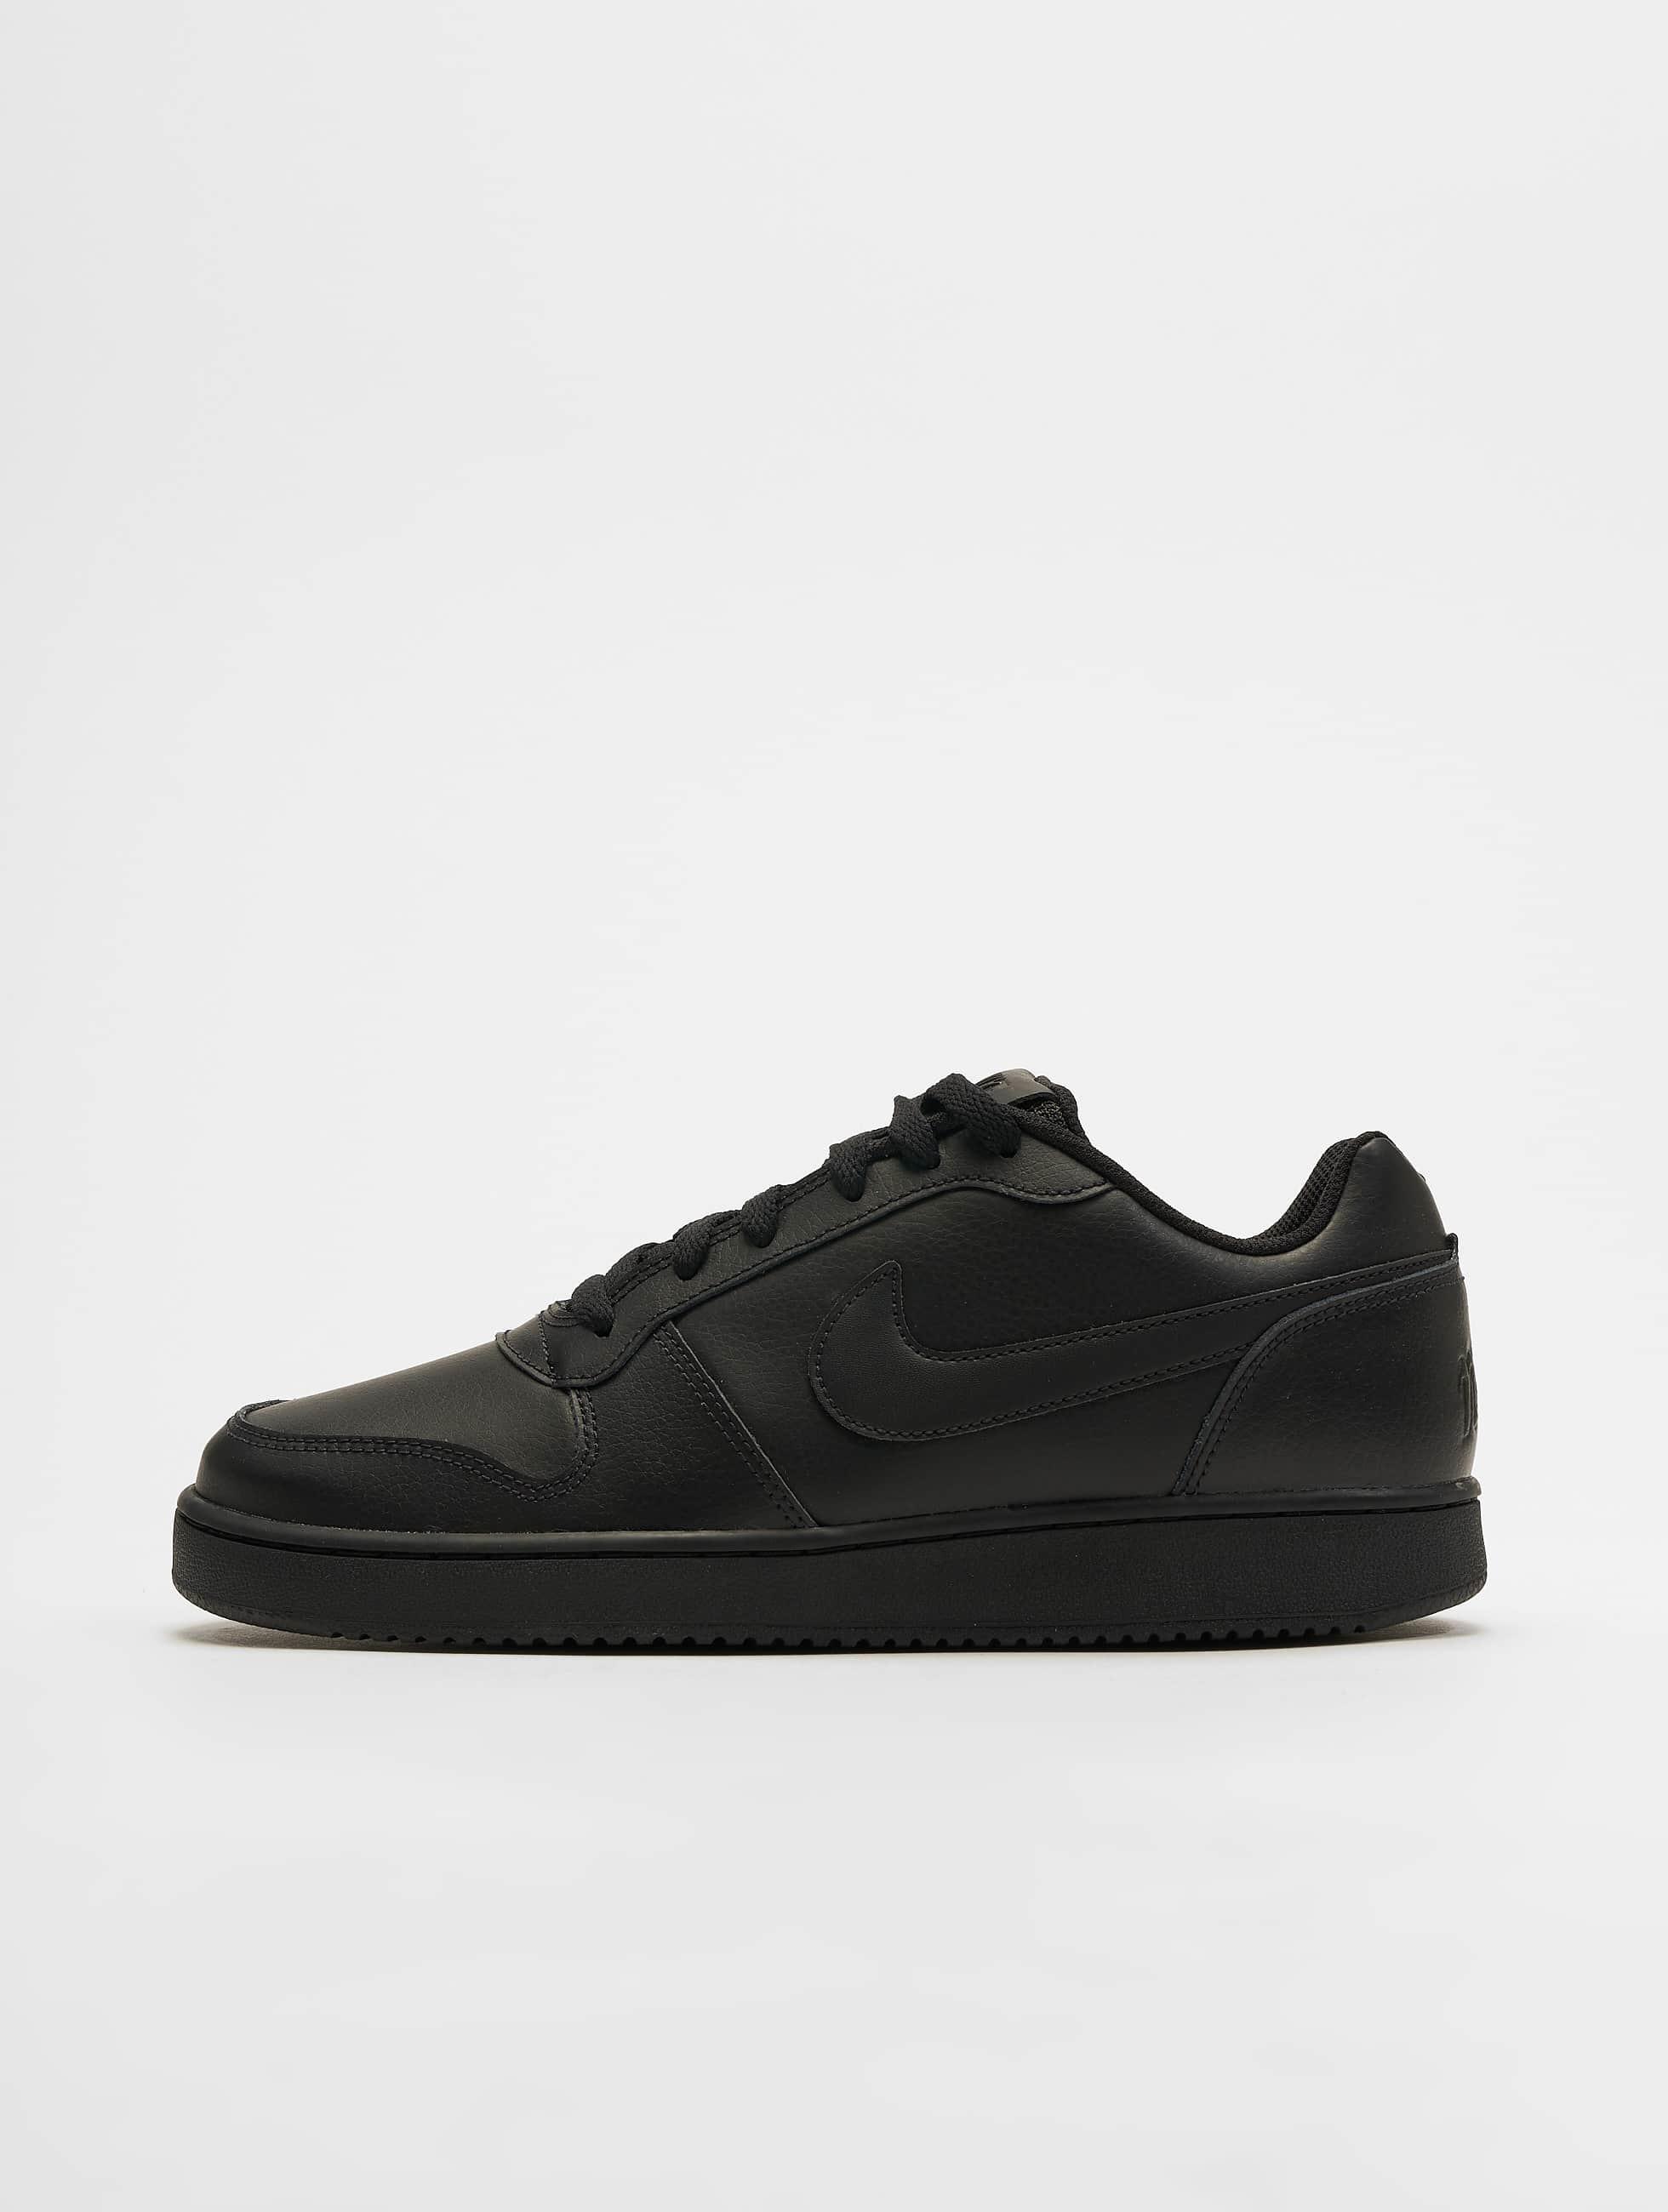 2b8fc2a1992 Nike schoen / sneaker Ebernon Low in zwart 536961